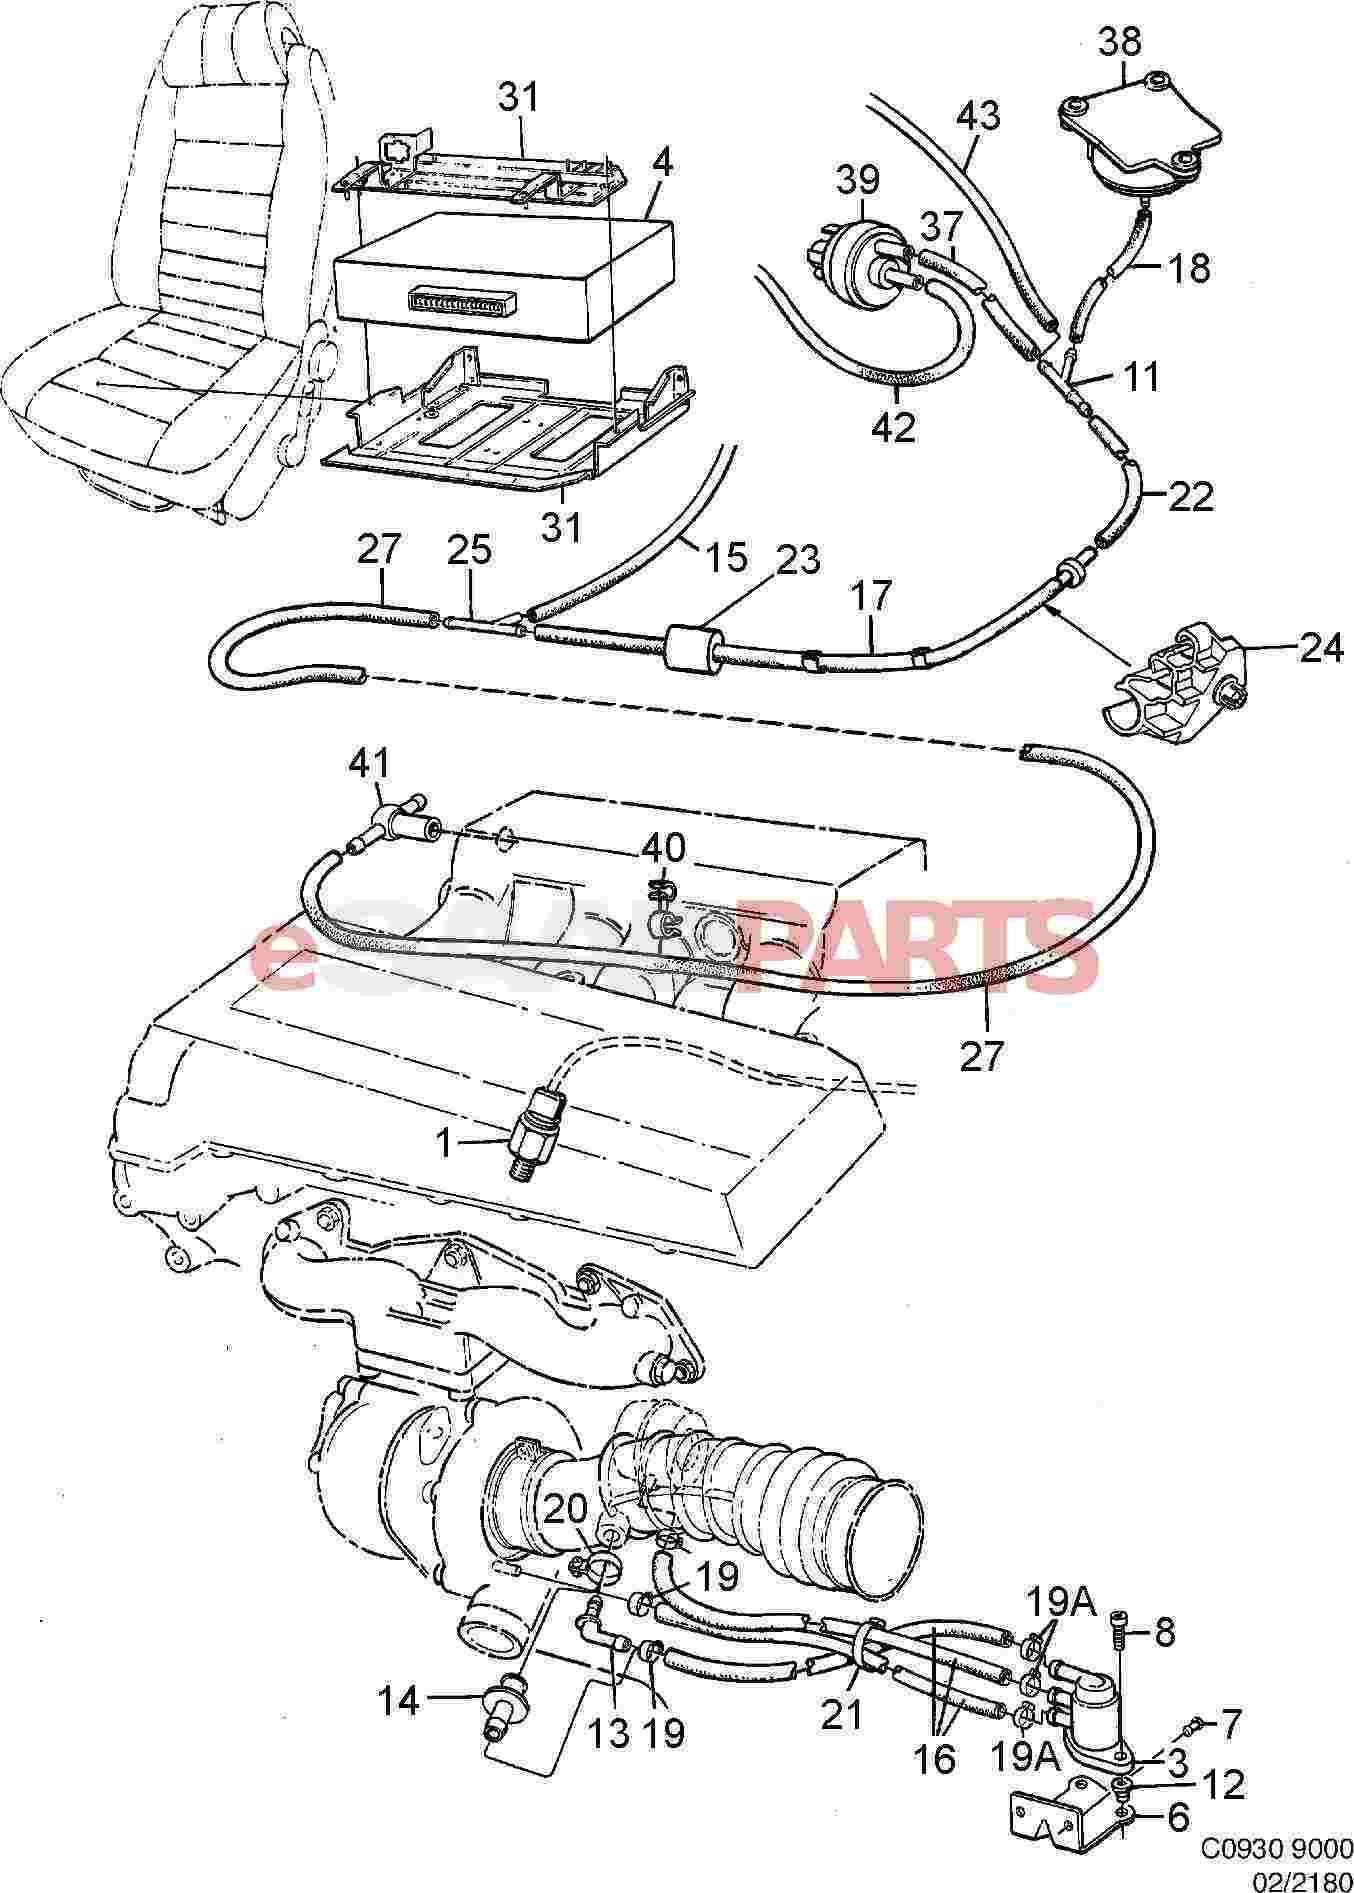 [7485576] saab boost pressure control valve - genuine saab ... saab fuel pressure diagram